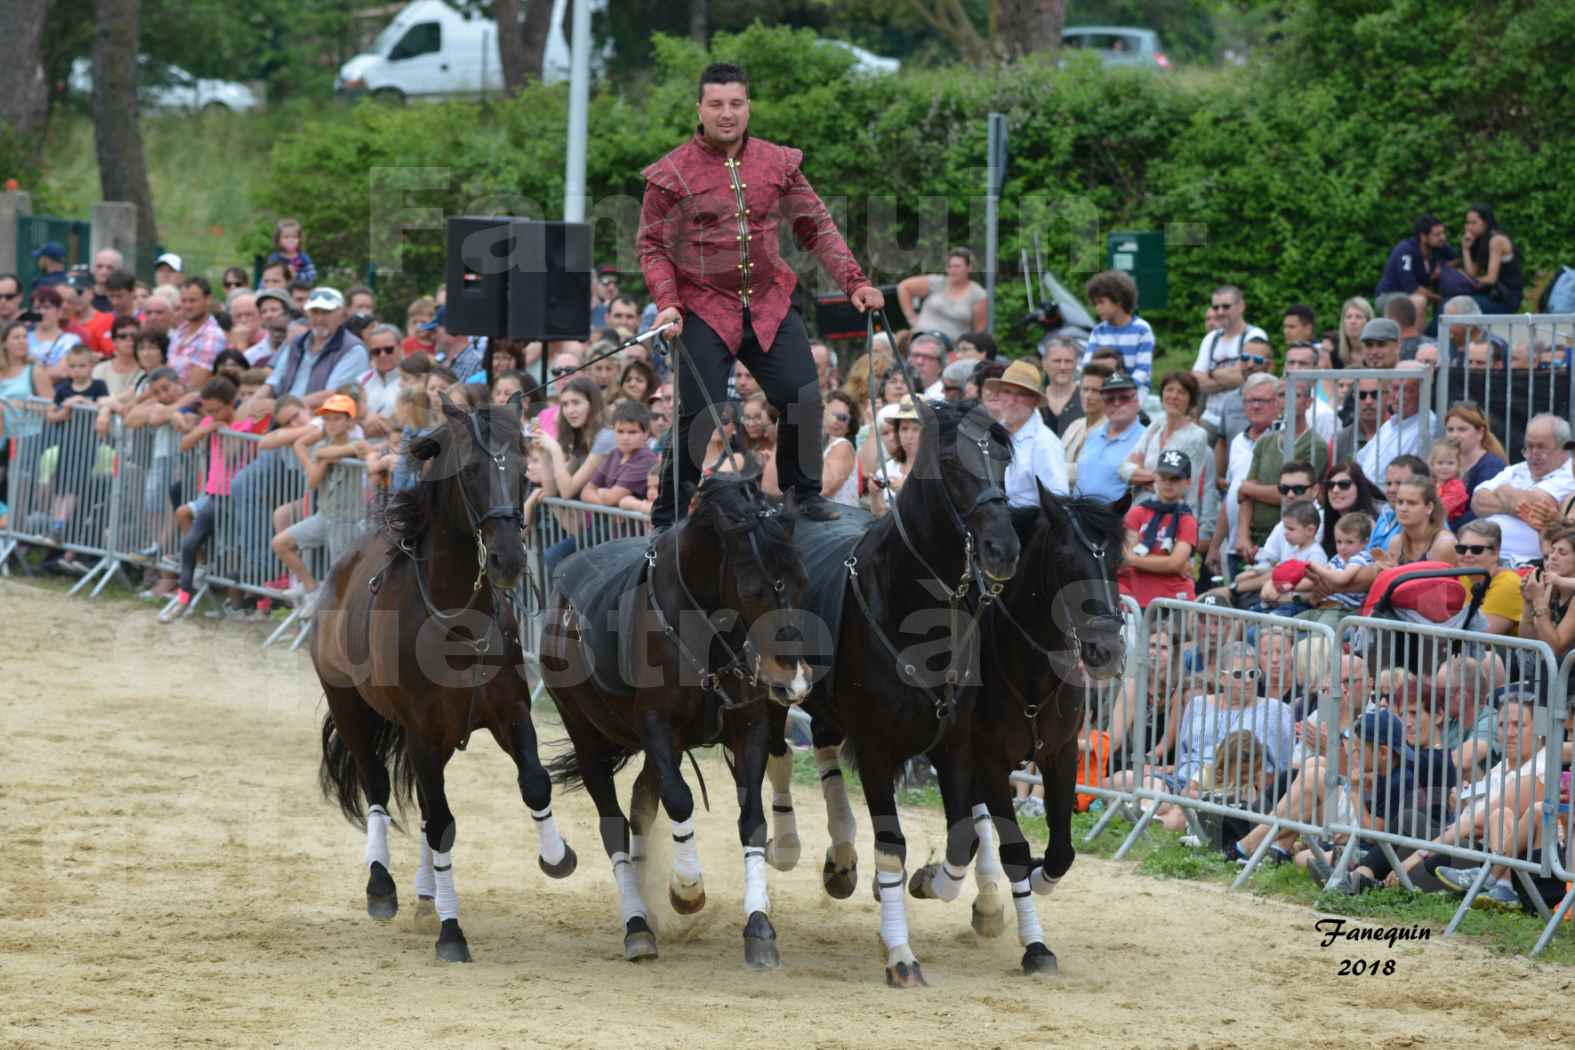 Spectacle Équestre le 3 juin 2018 à Saint Gély du Fesc - Poste Hongroise de 2 à 6 chevaux - Benoît SOUMILLE - 04